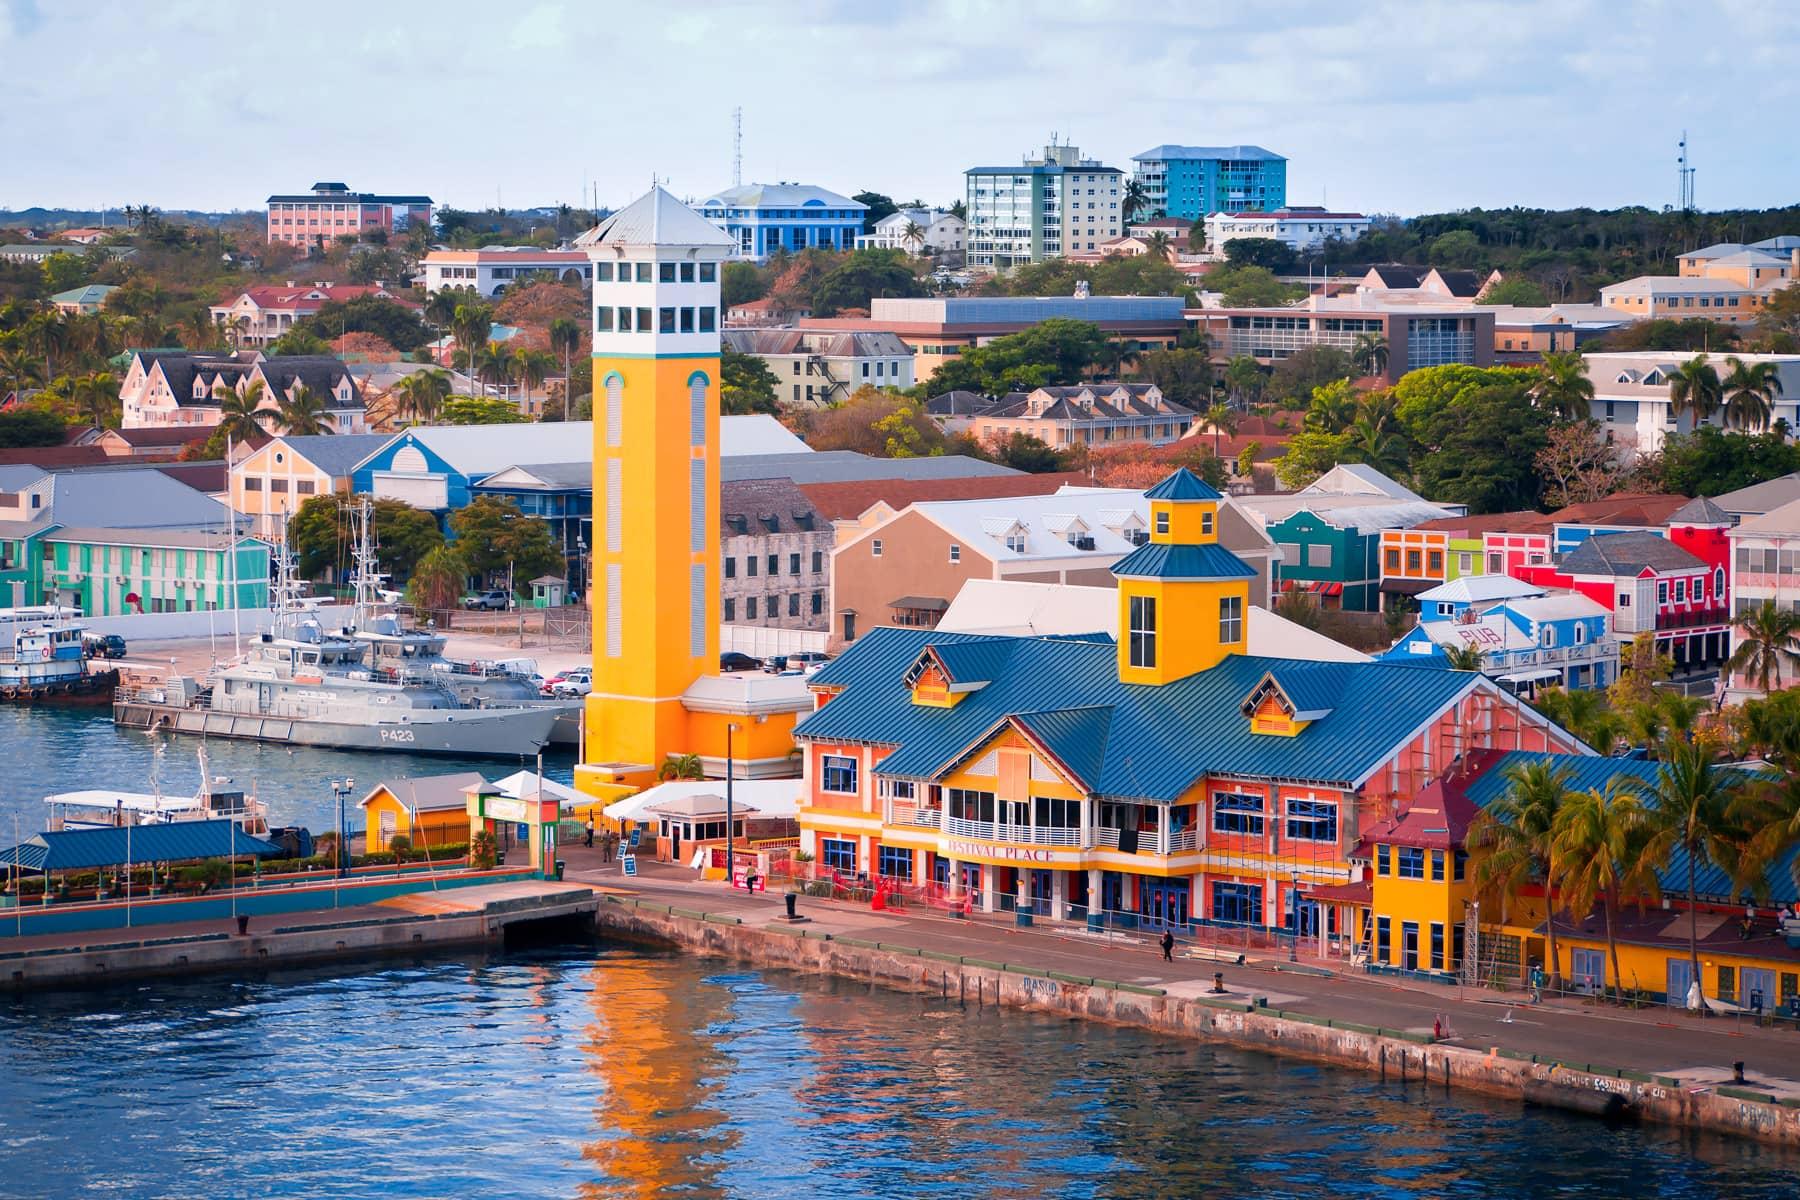 The colorful, vivid environs of Nassau, Bahamas.